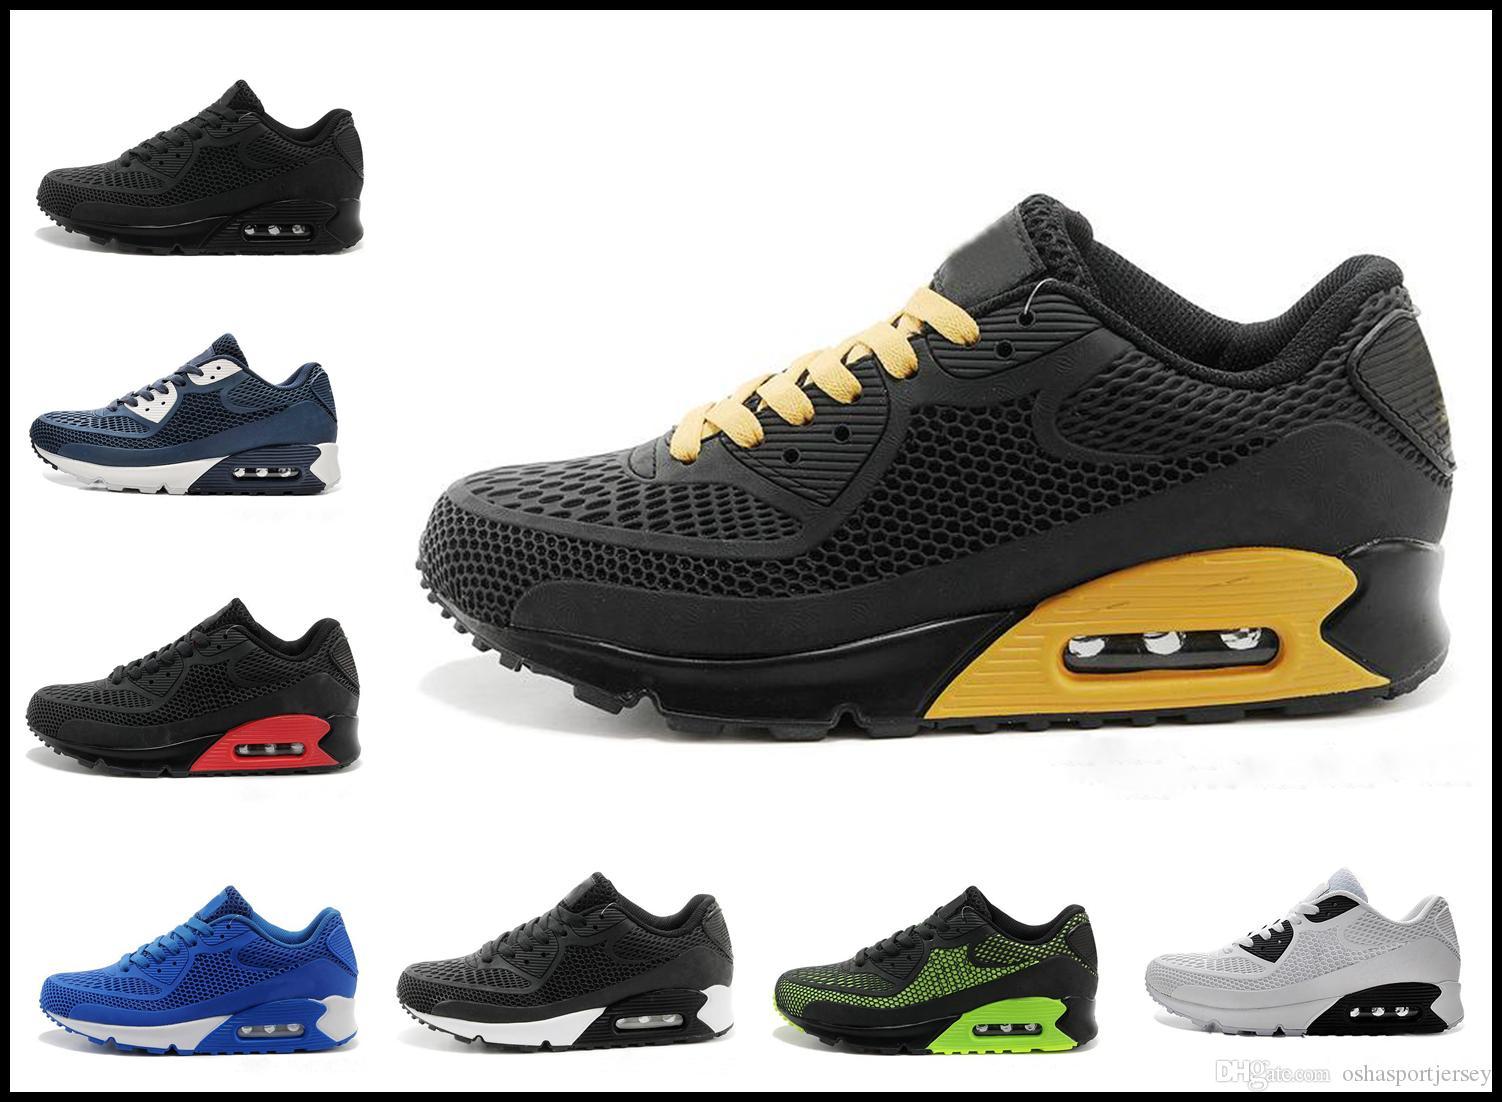 buy popular 49e2a 34248 Acheter Nike Air Max Airmax 90 Kpu 2017 Haute Qualité Chaussures De Course  Coussin 90 KPU Hommes Femmes Classique 90 Casual Chaussures De Sport  Sneakers ...